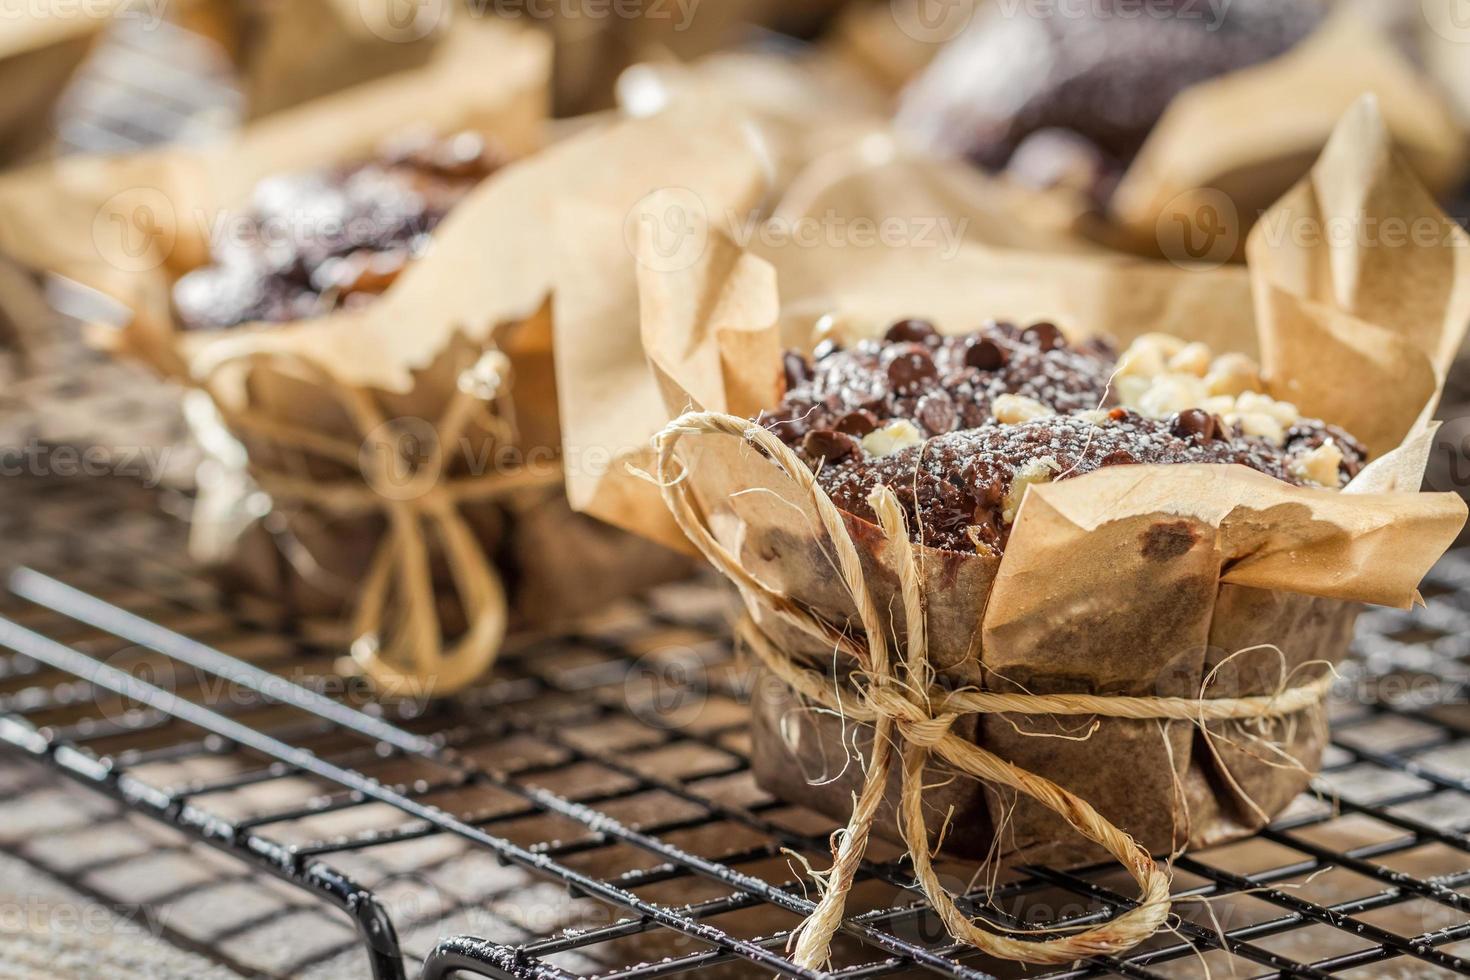 muffin alla vaniglia con zucchero a velo sulla griglia di raccolta foto